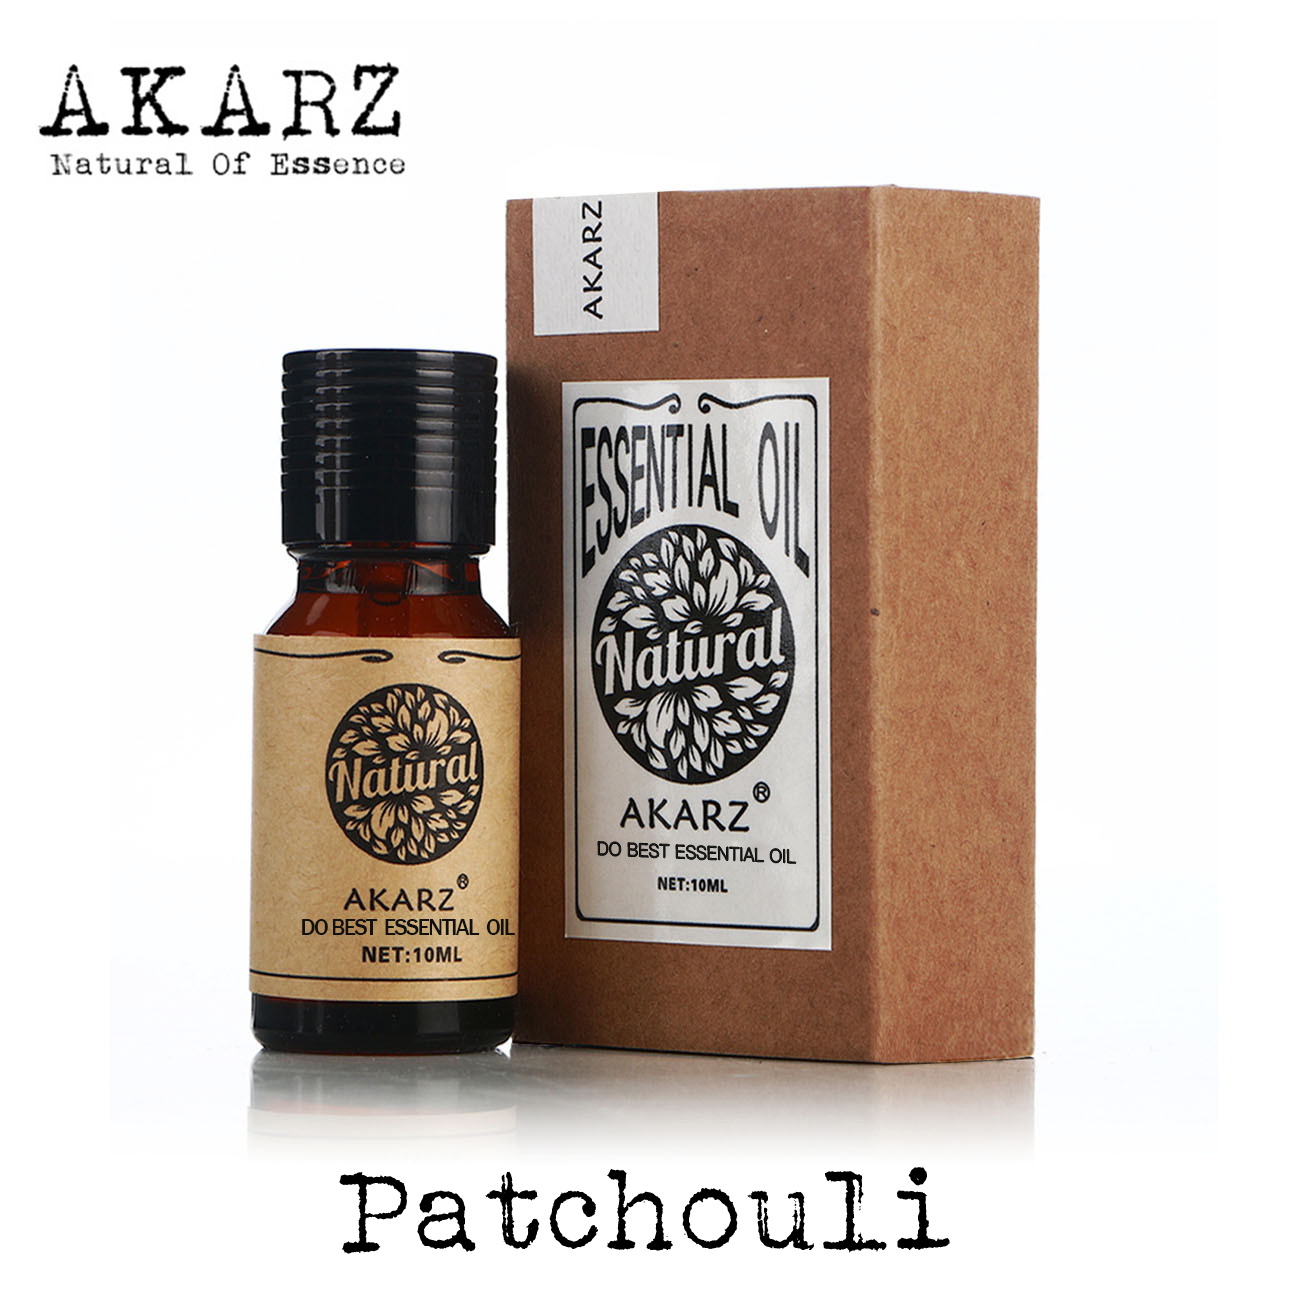 Akarz marca famosa patchouli óleo essencial natural eliminar acne aliviar eczema remoção calma de mosquitos patchouli óleo